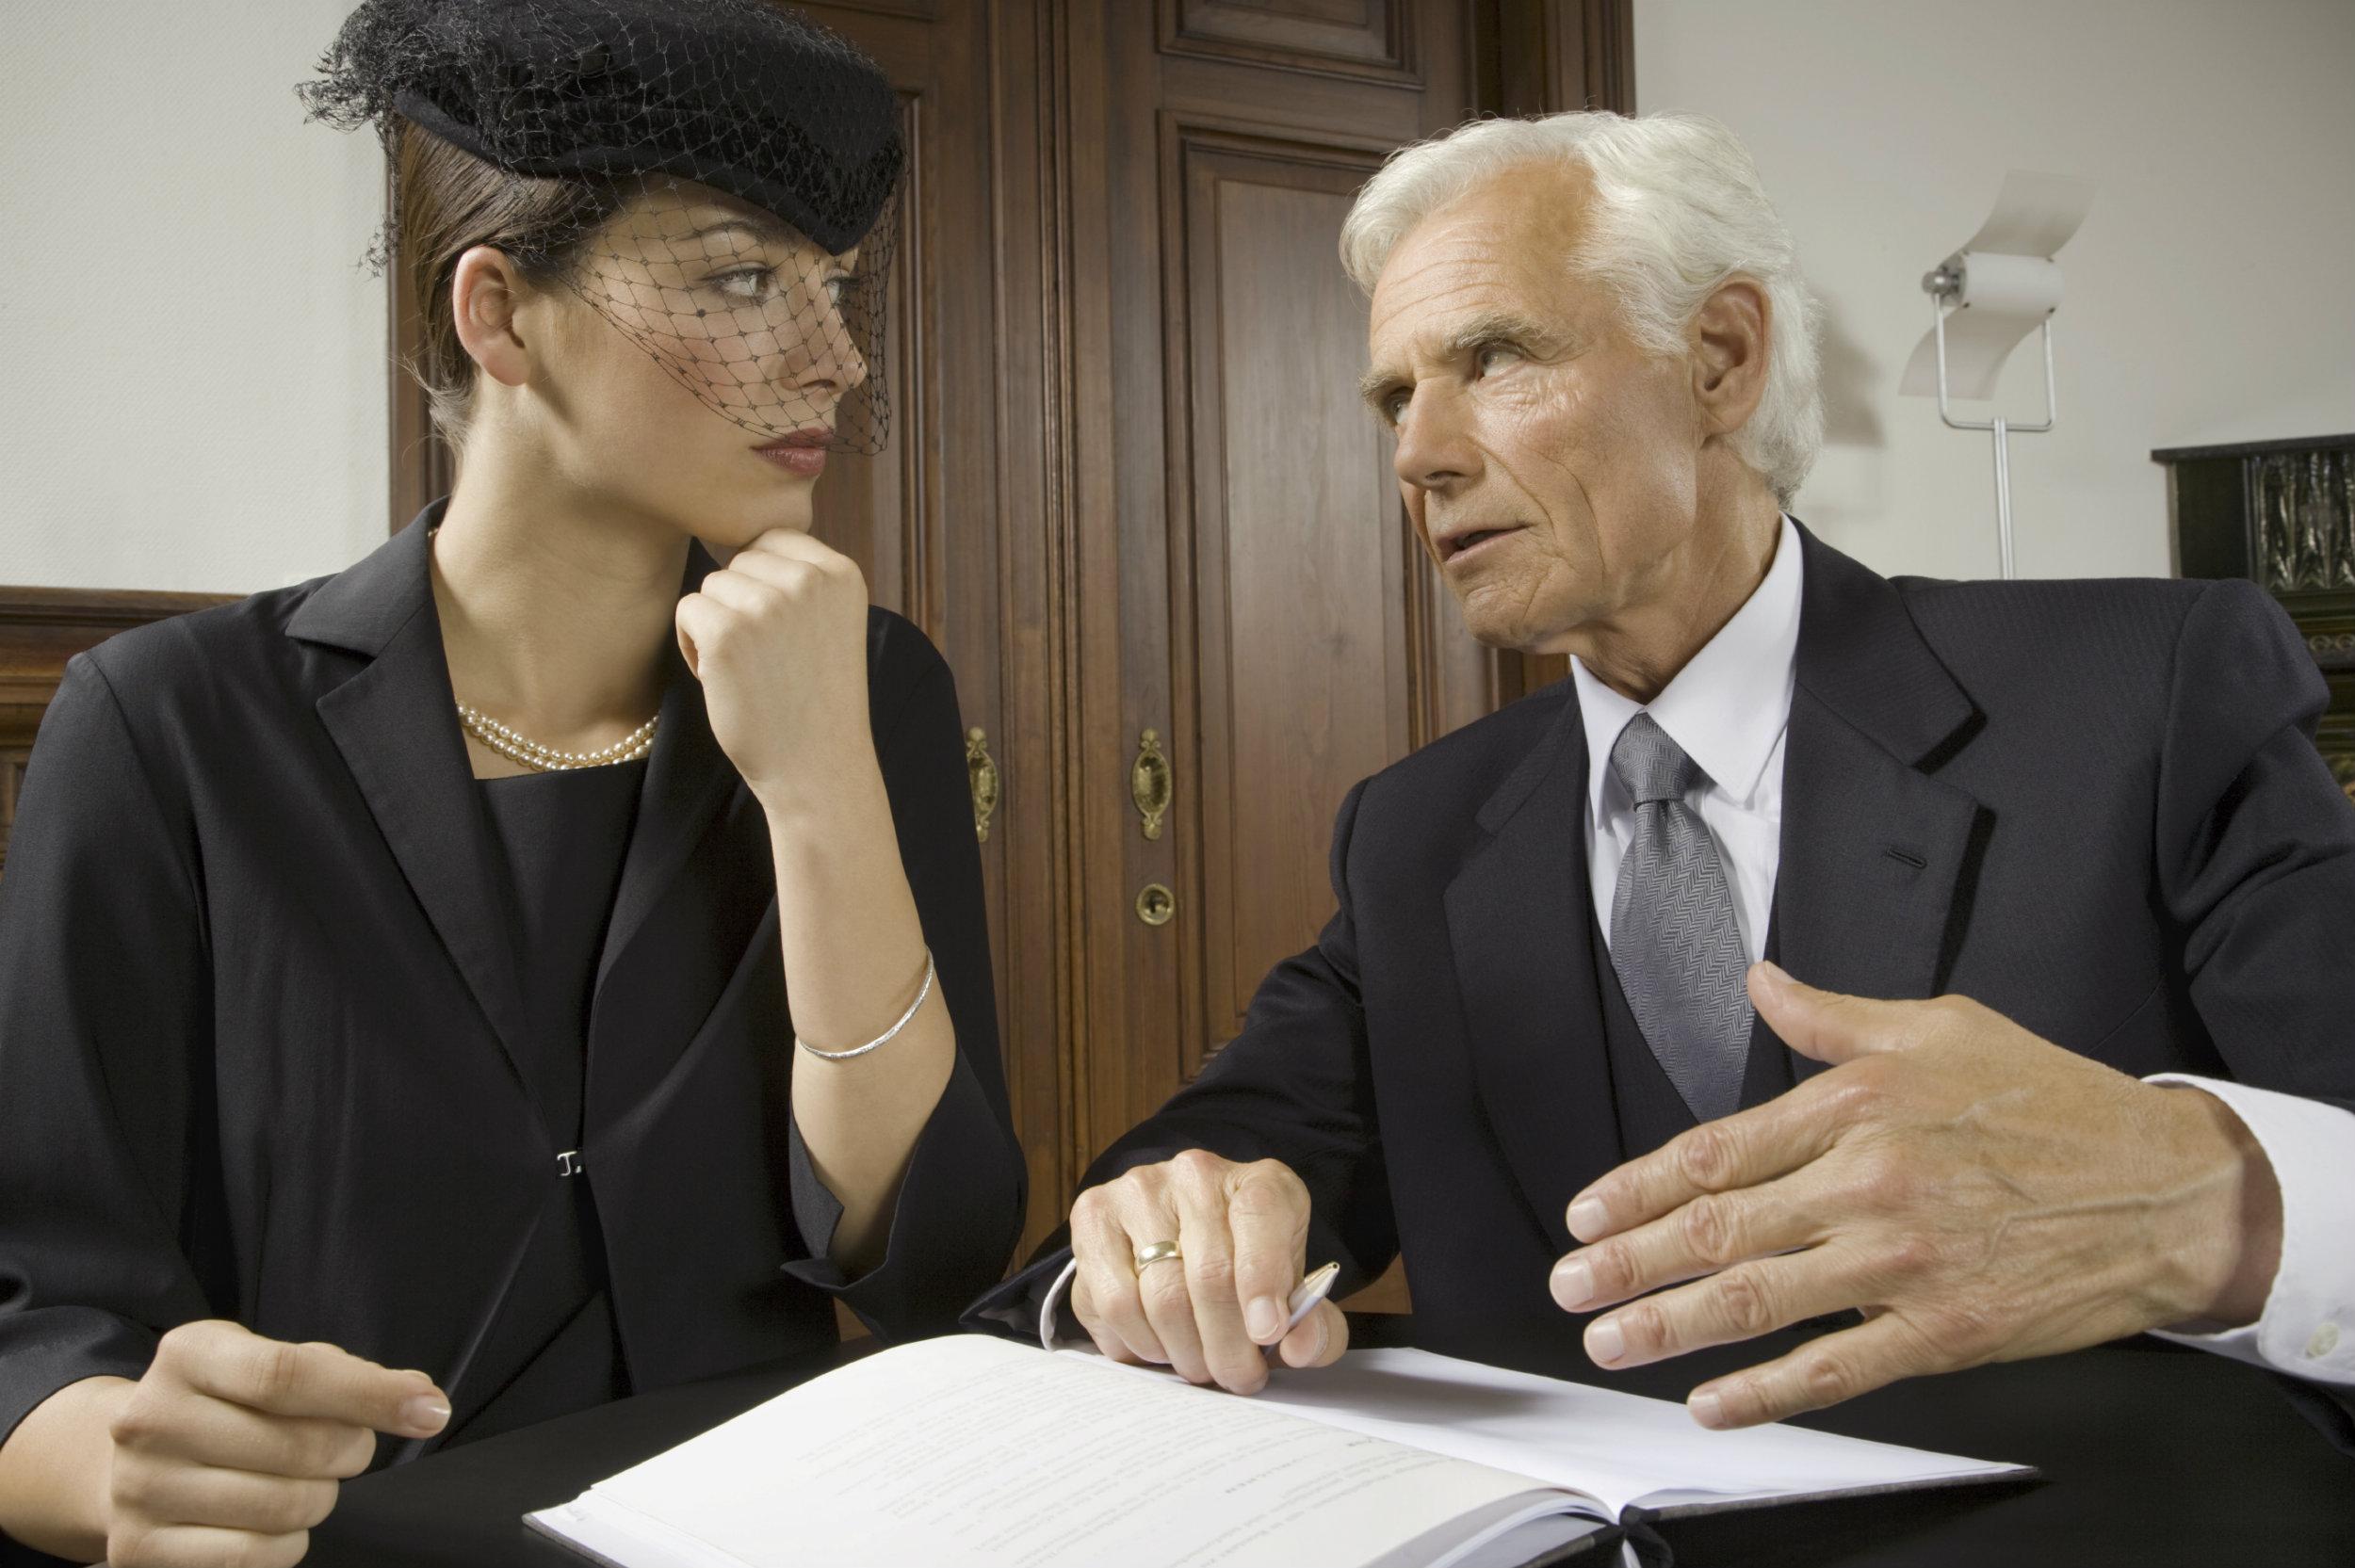 раздел имущества в случае смерти супруга